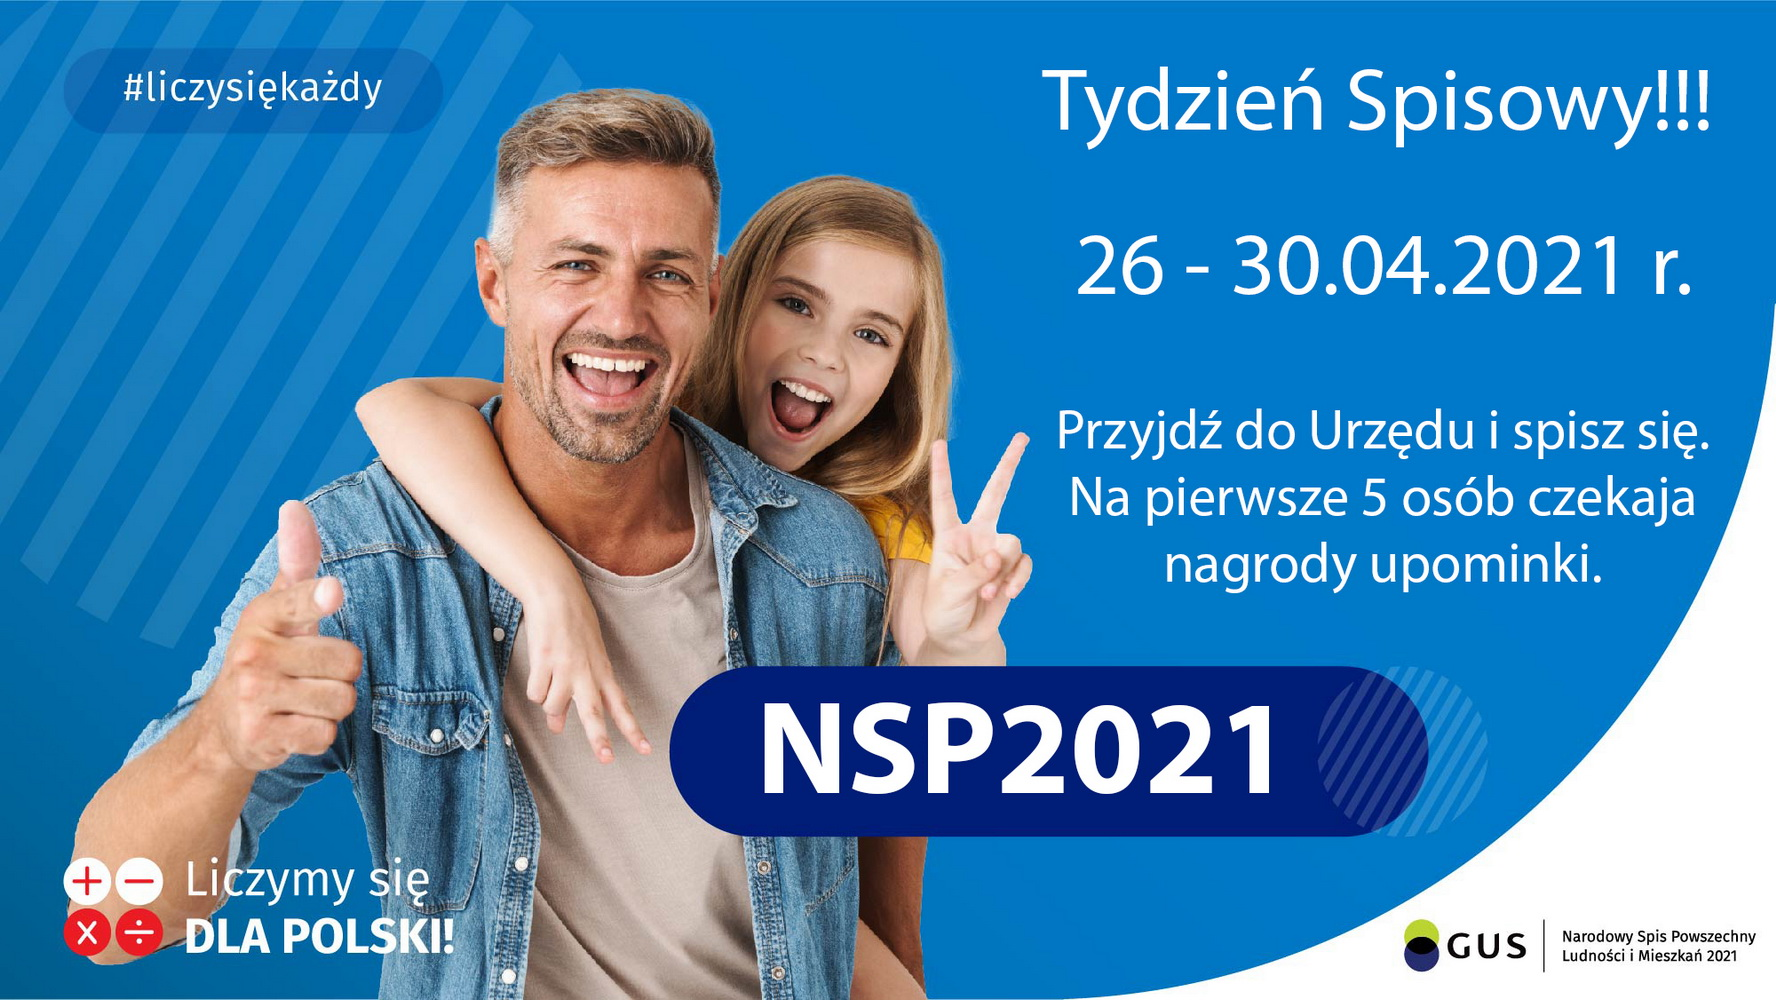 Narodowy Spis Powszechny 2021